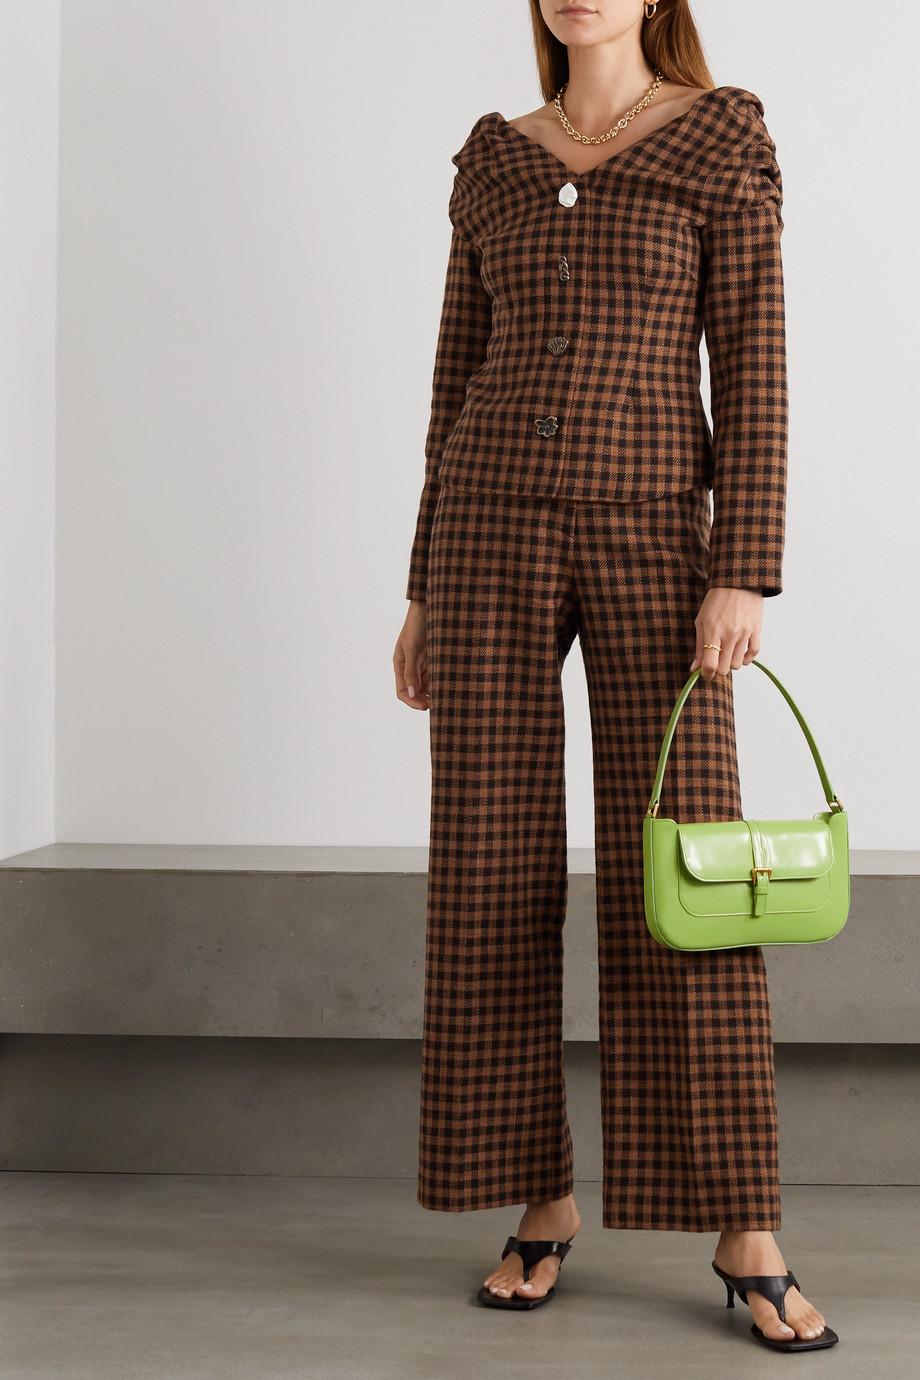 REJINA PYO Miriam schulterfreie Bluse aus einer karierten Woll-Baumwollmischung mit Zierknöpfen